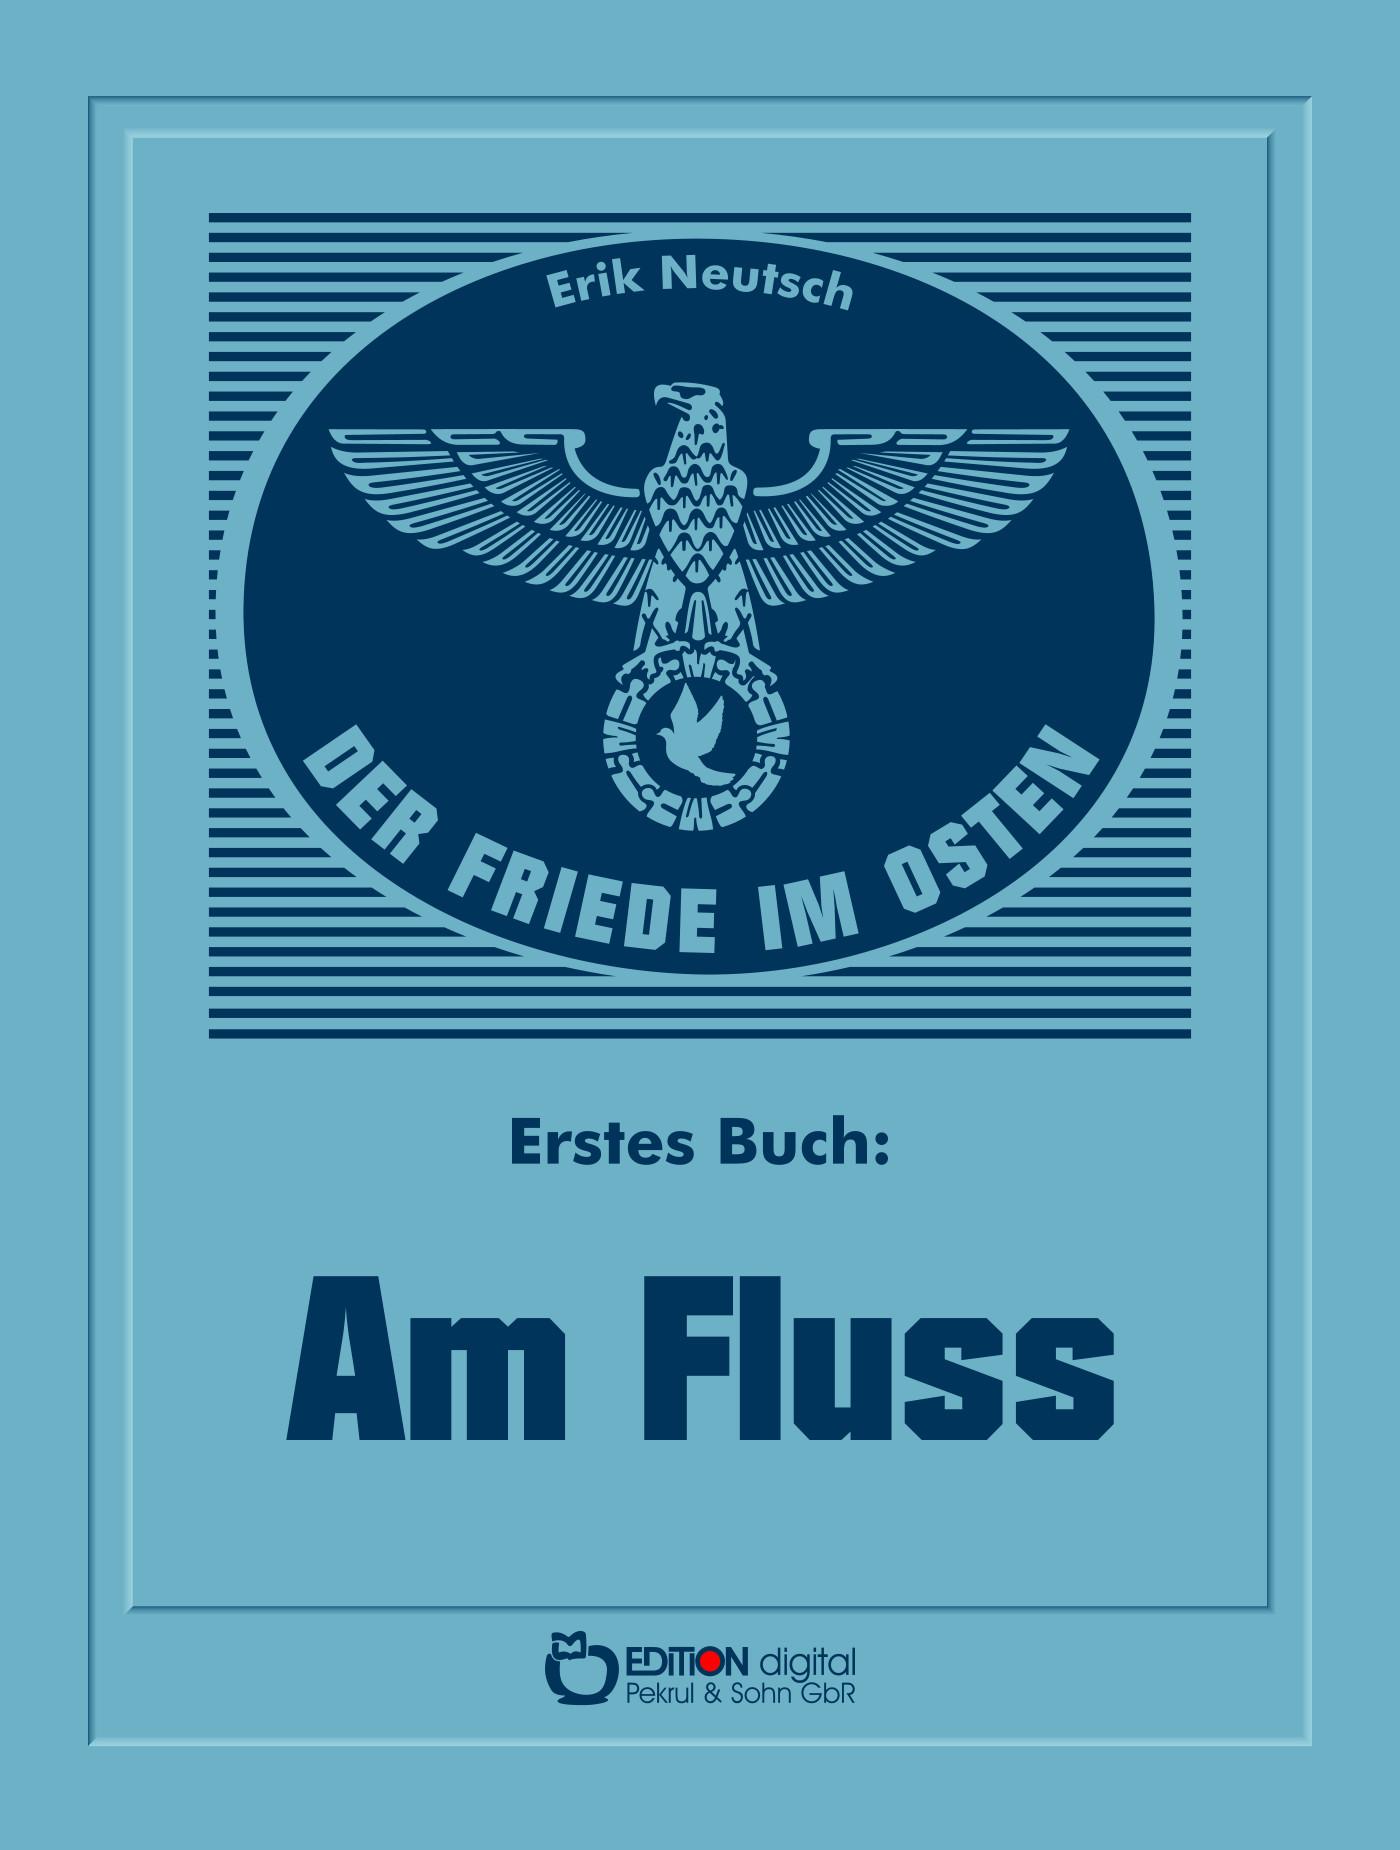 Der Friede im Osten. Erstes Buch. Am Fluss von Erik Neutsch